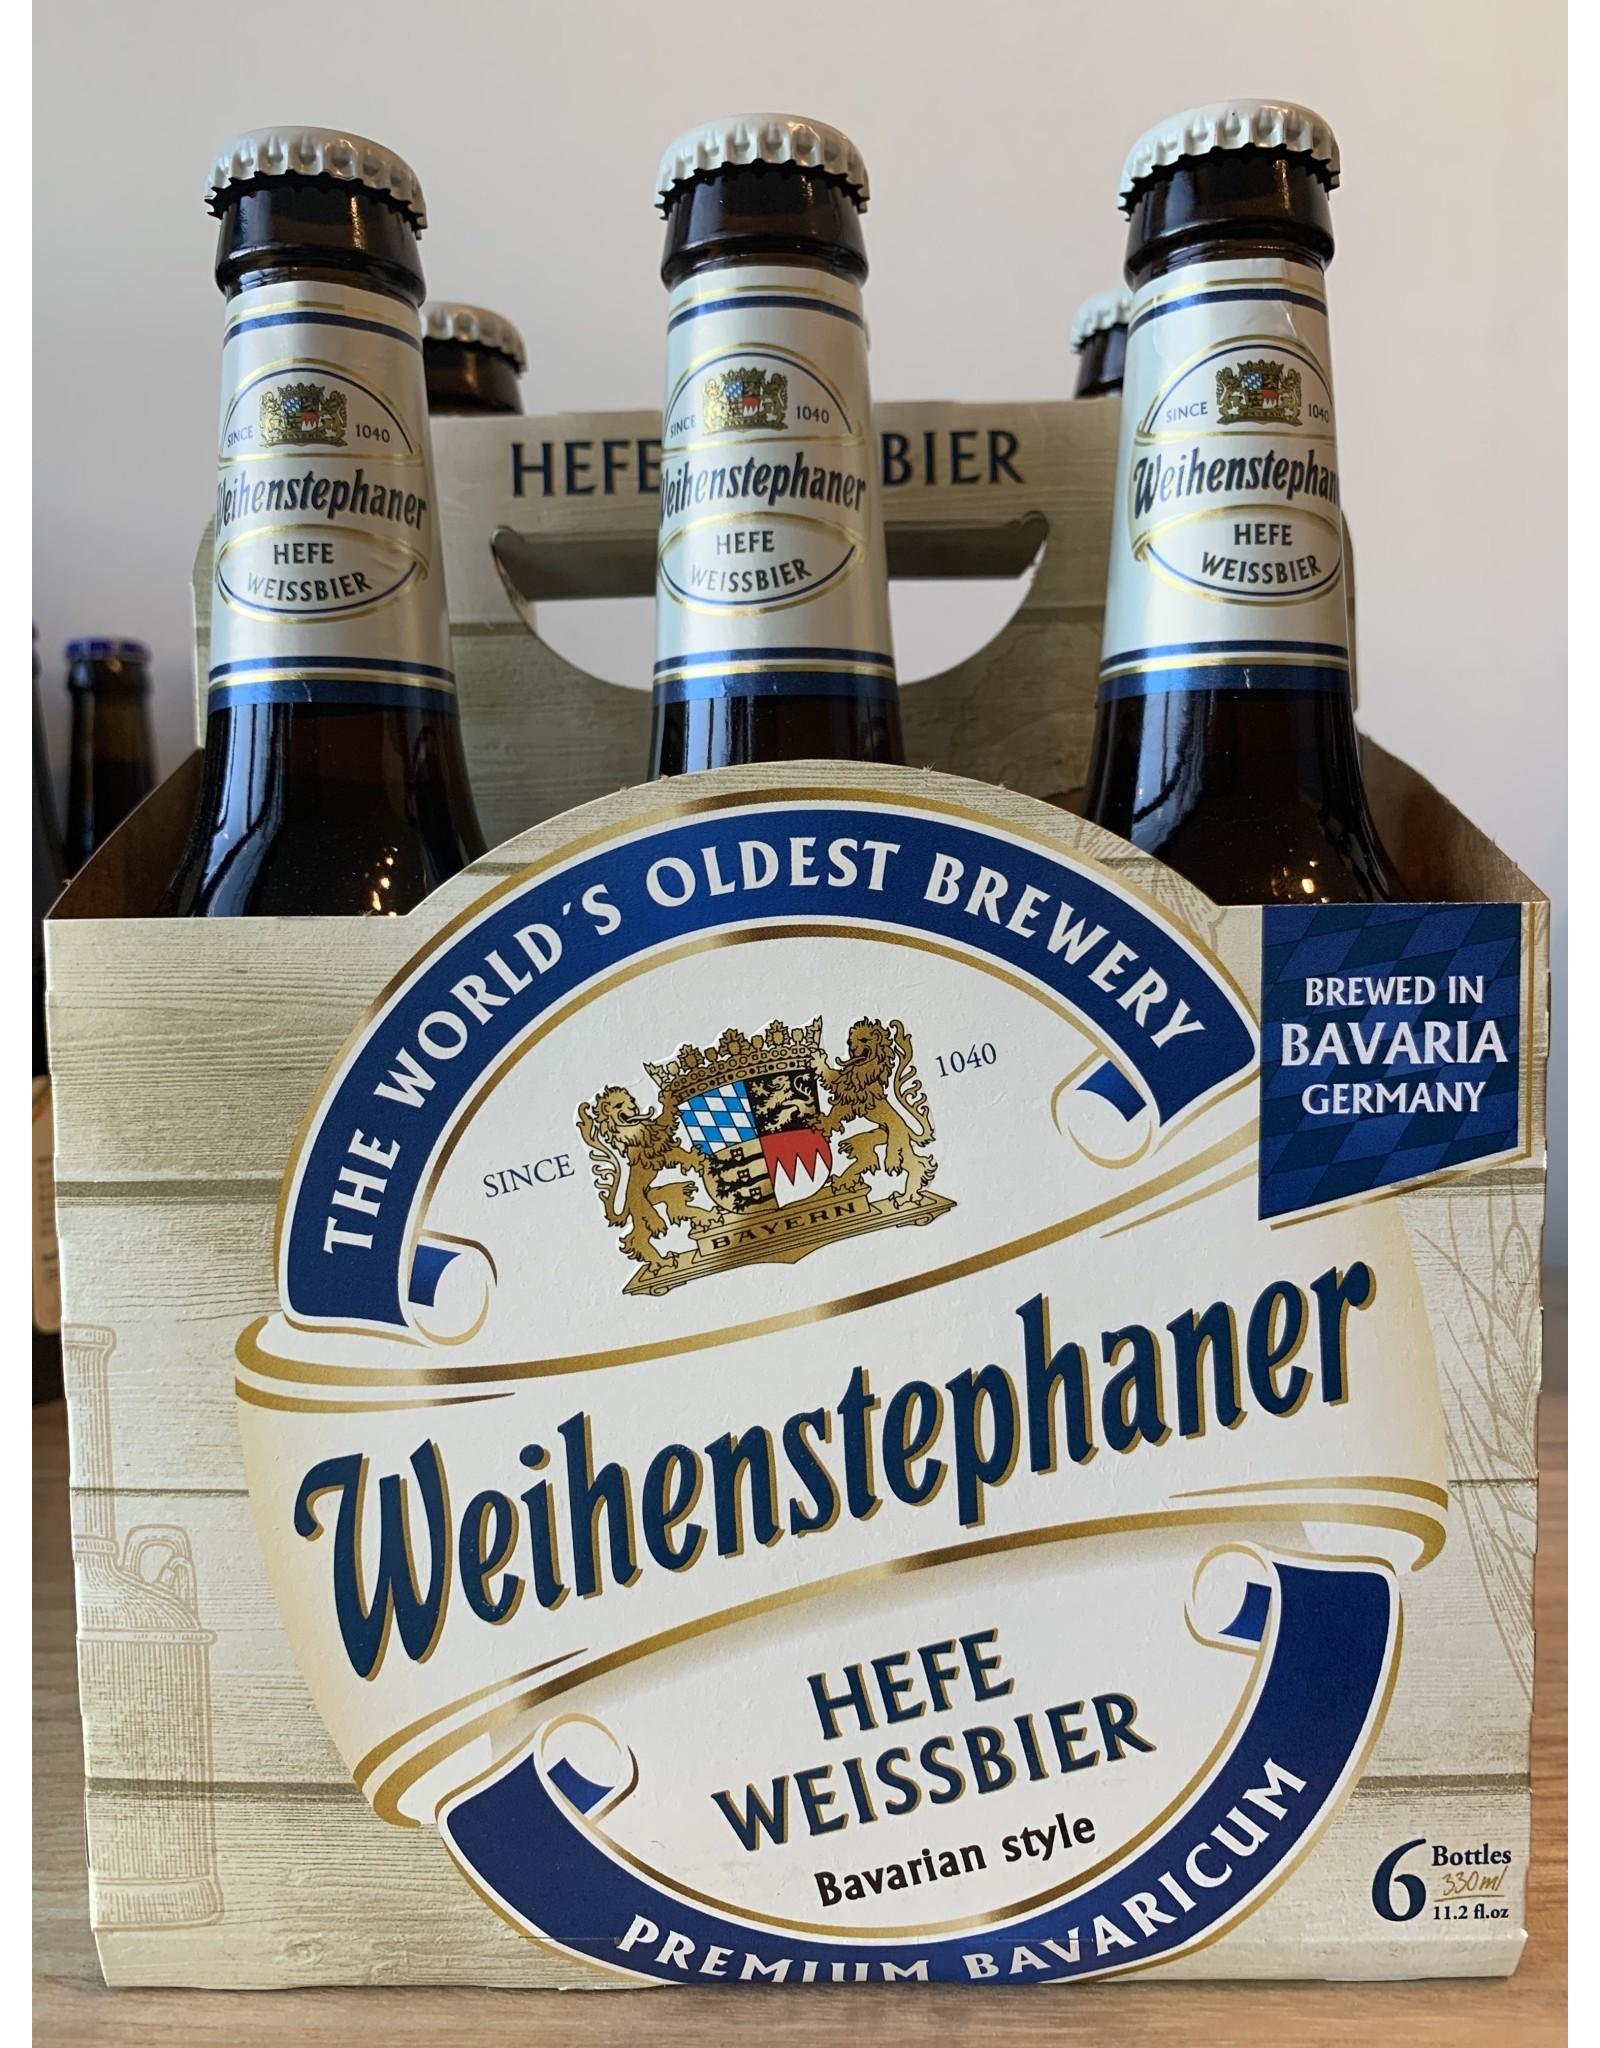 Weinenstephaner Weihenstephaner Hefe Weissbier